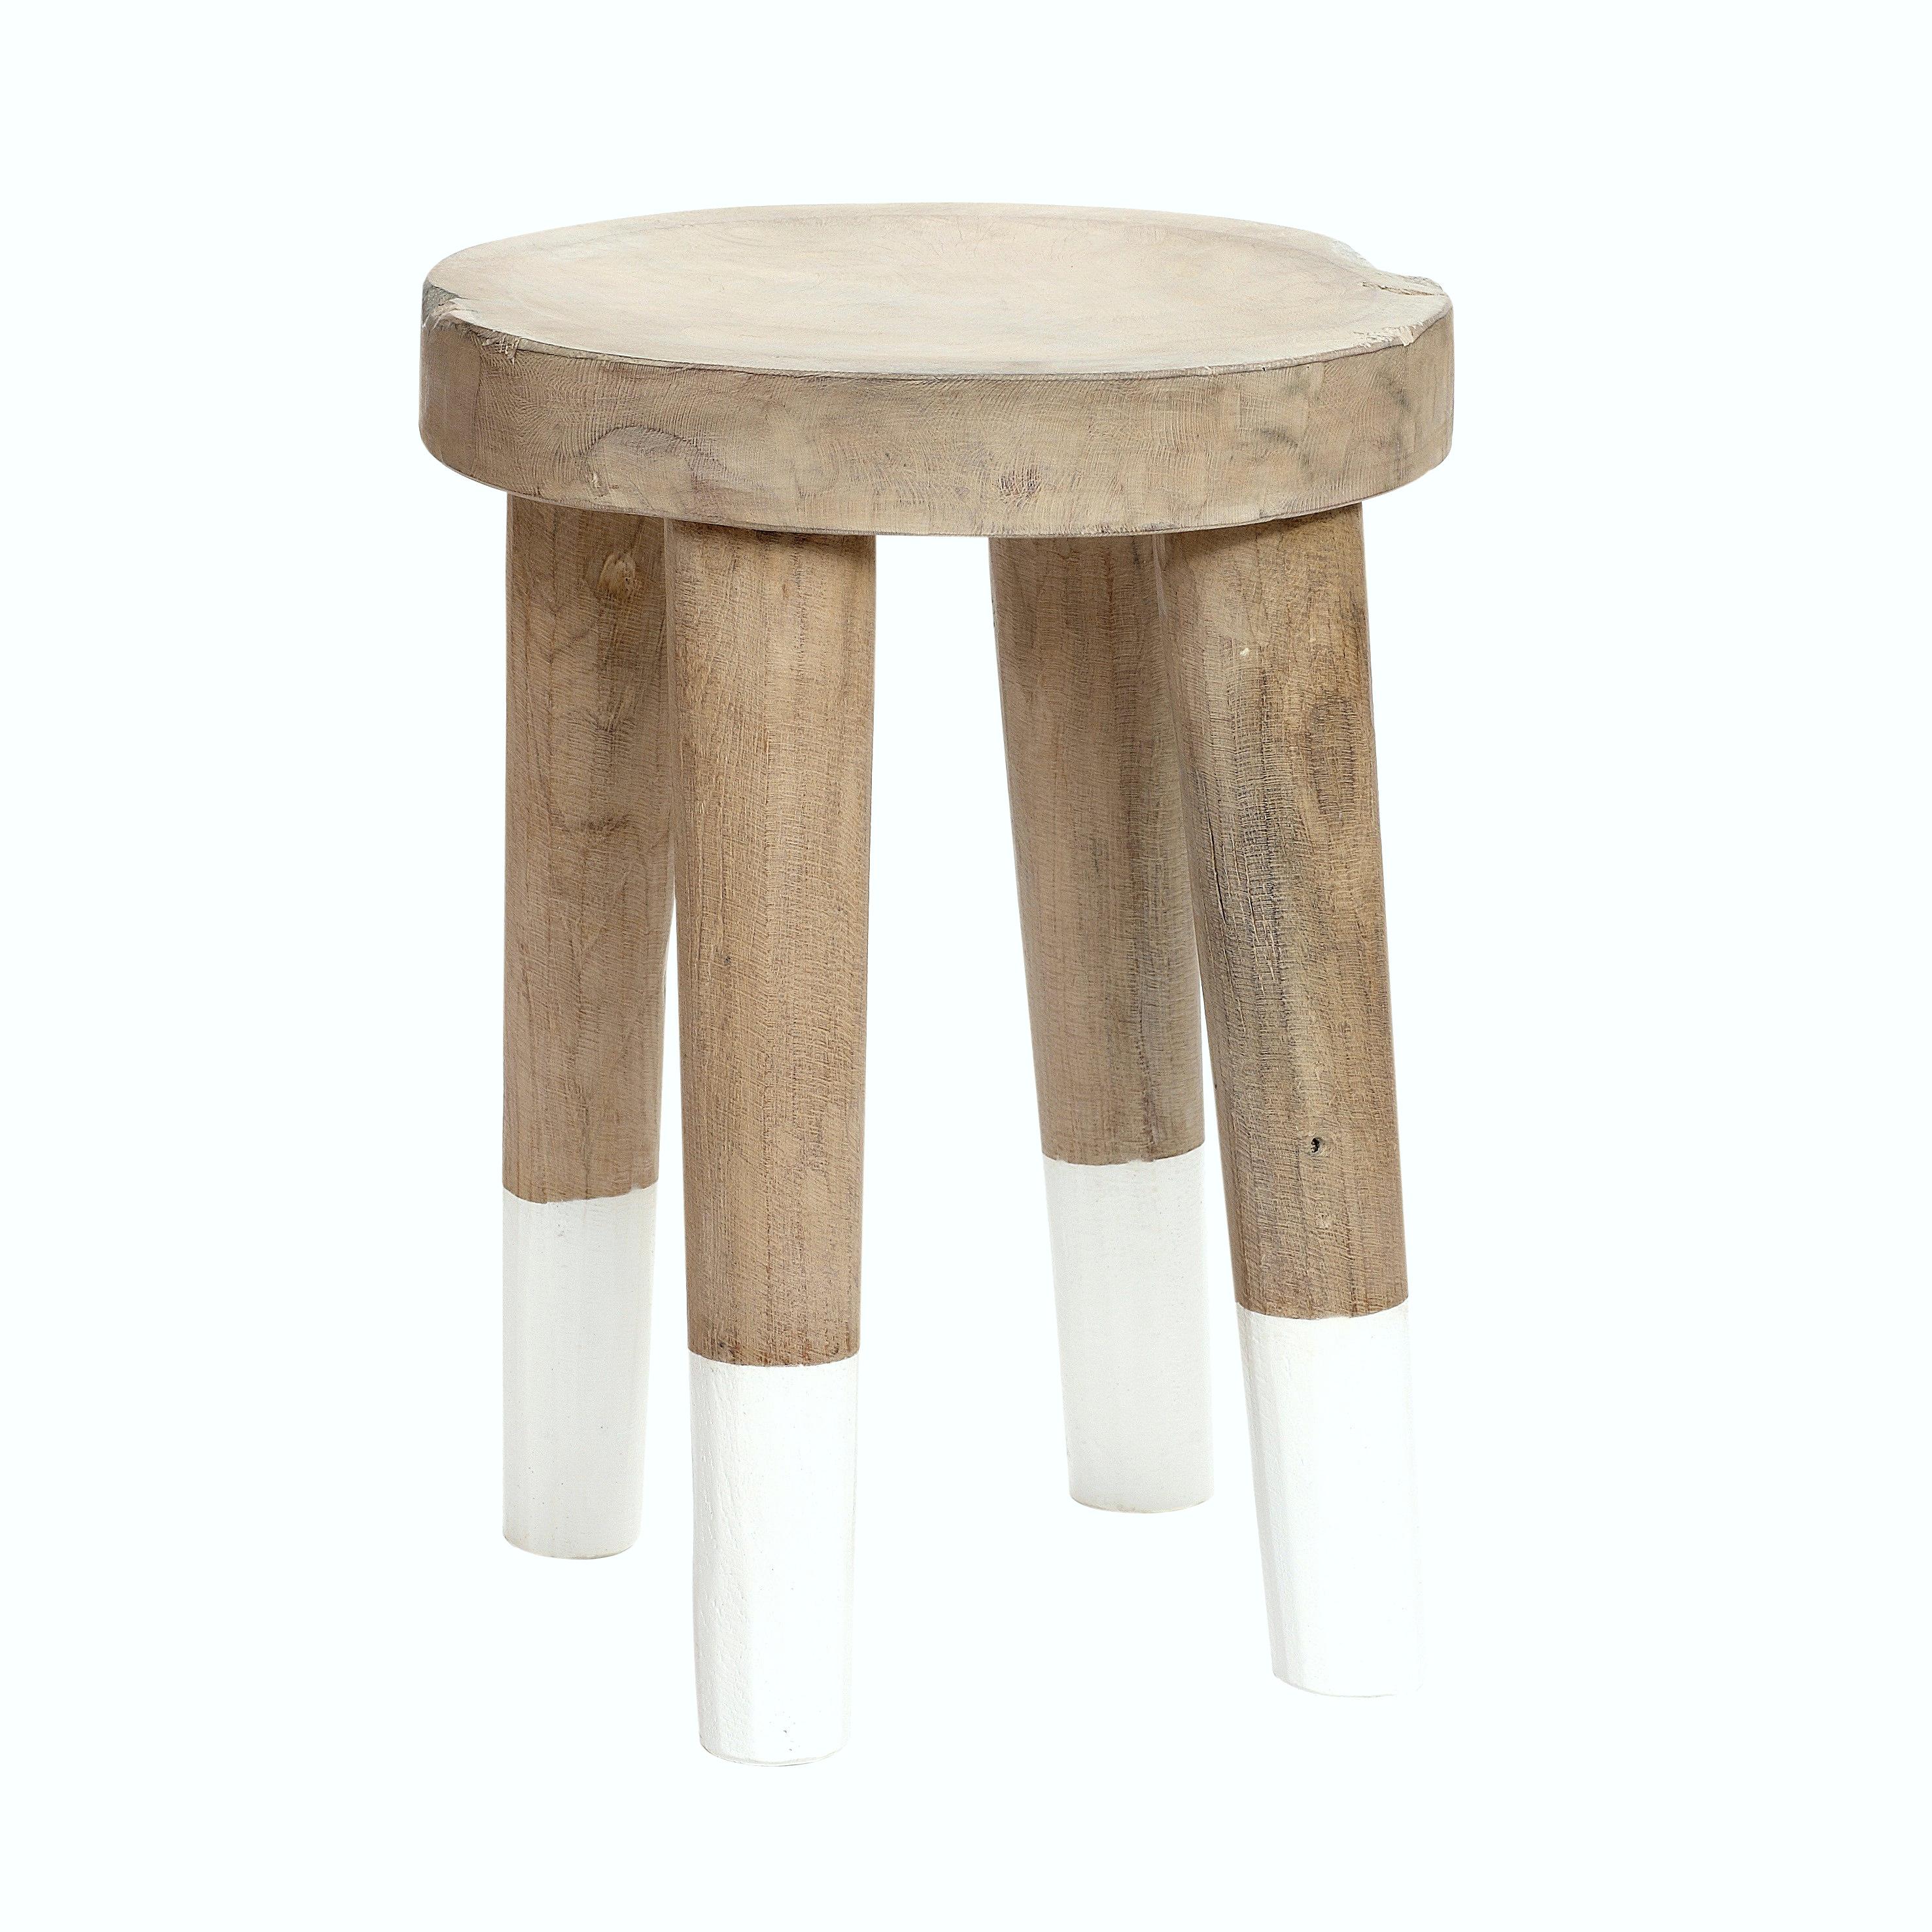 Table Salon Conforama Beau Galerie Tabouret De Cuisine Design Inspirant Ikea Chaise Bar élégant Chaises